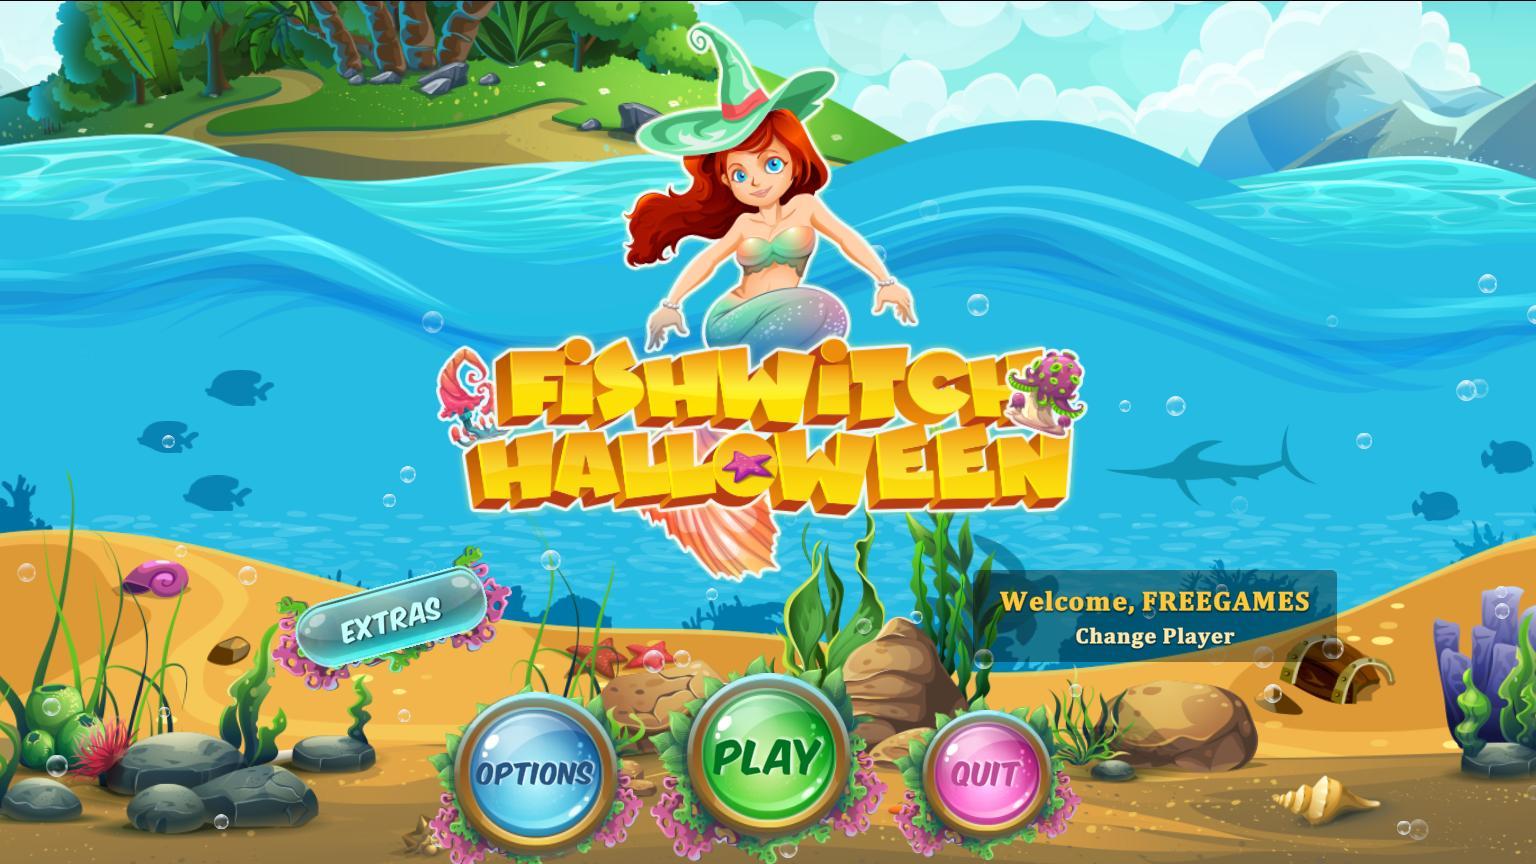 Рыбная ведьма Хэллоуин | FishWitch Halloween (En)